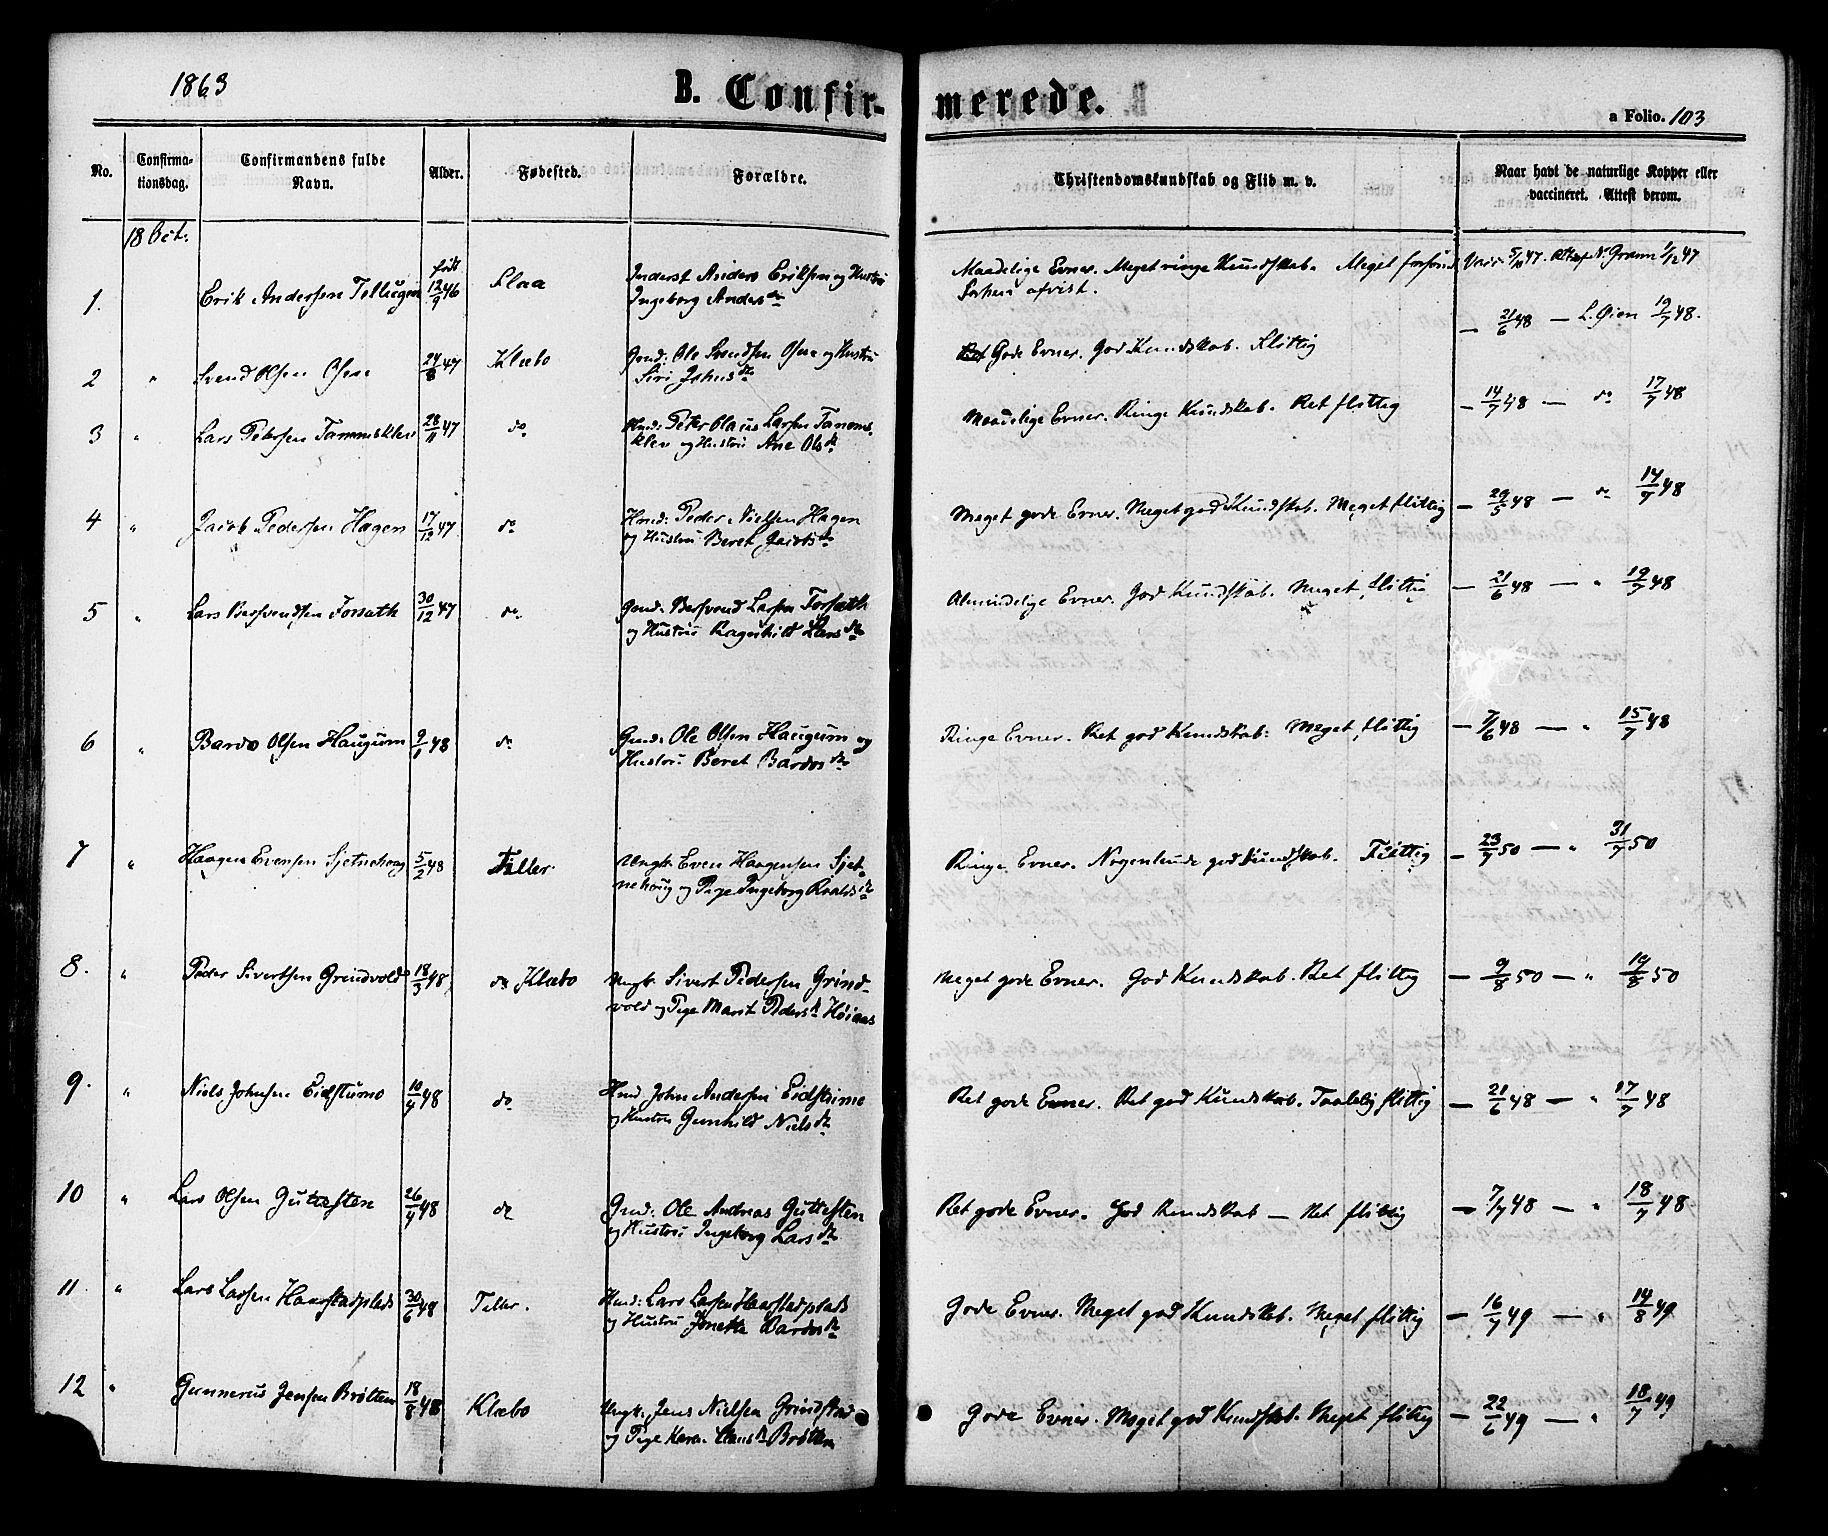 SAT, Ministerialprotokoller, klokkerbøker og fødselsregistre - Sør-Trøndelag, 618/L0442: Ministerialbok nr. 618A06 /1, 1863-1879, s. 103